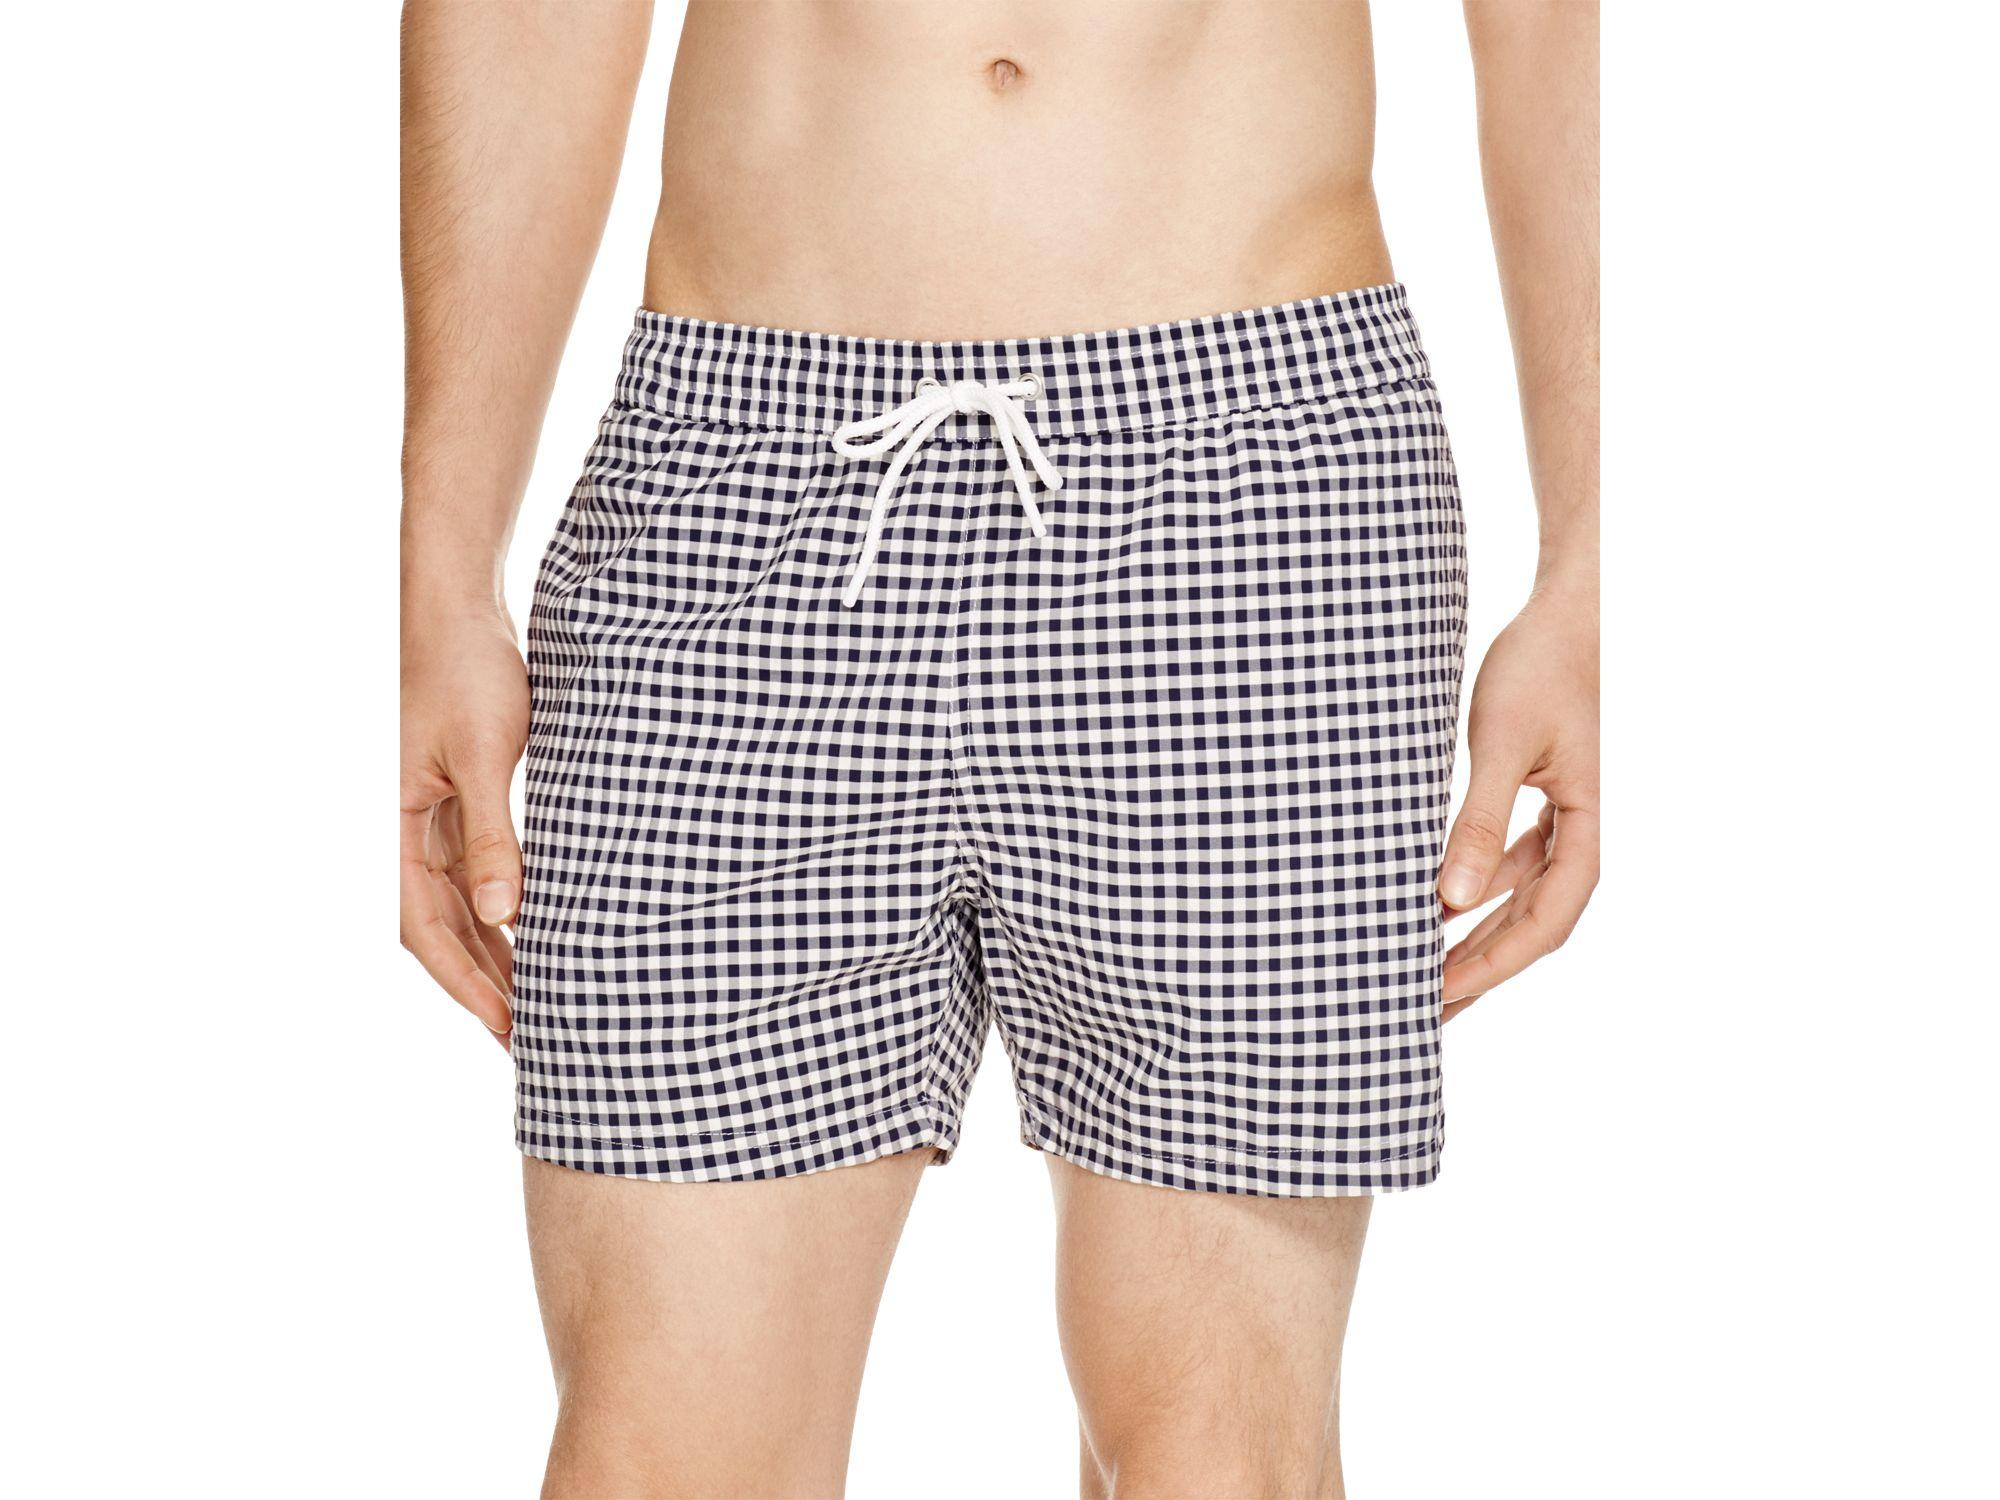 870ea7e0efd86 Lacoste Taffeta Gingham Swim Trunks in Gray for Men - Lyst